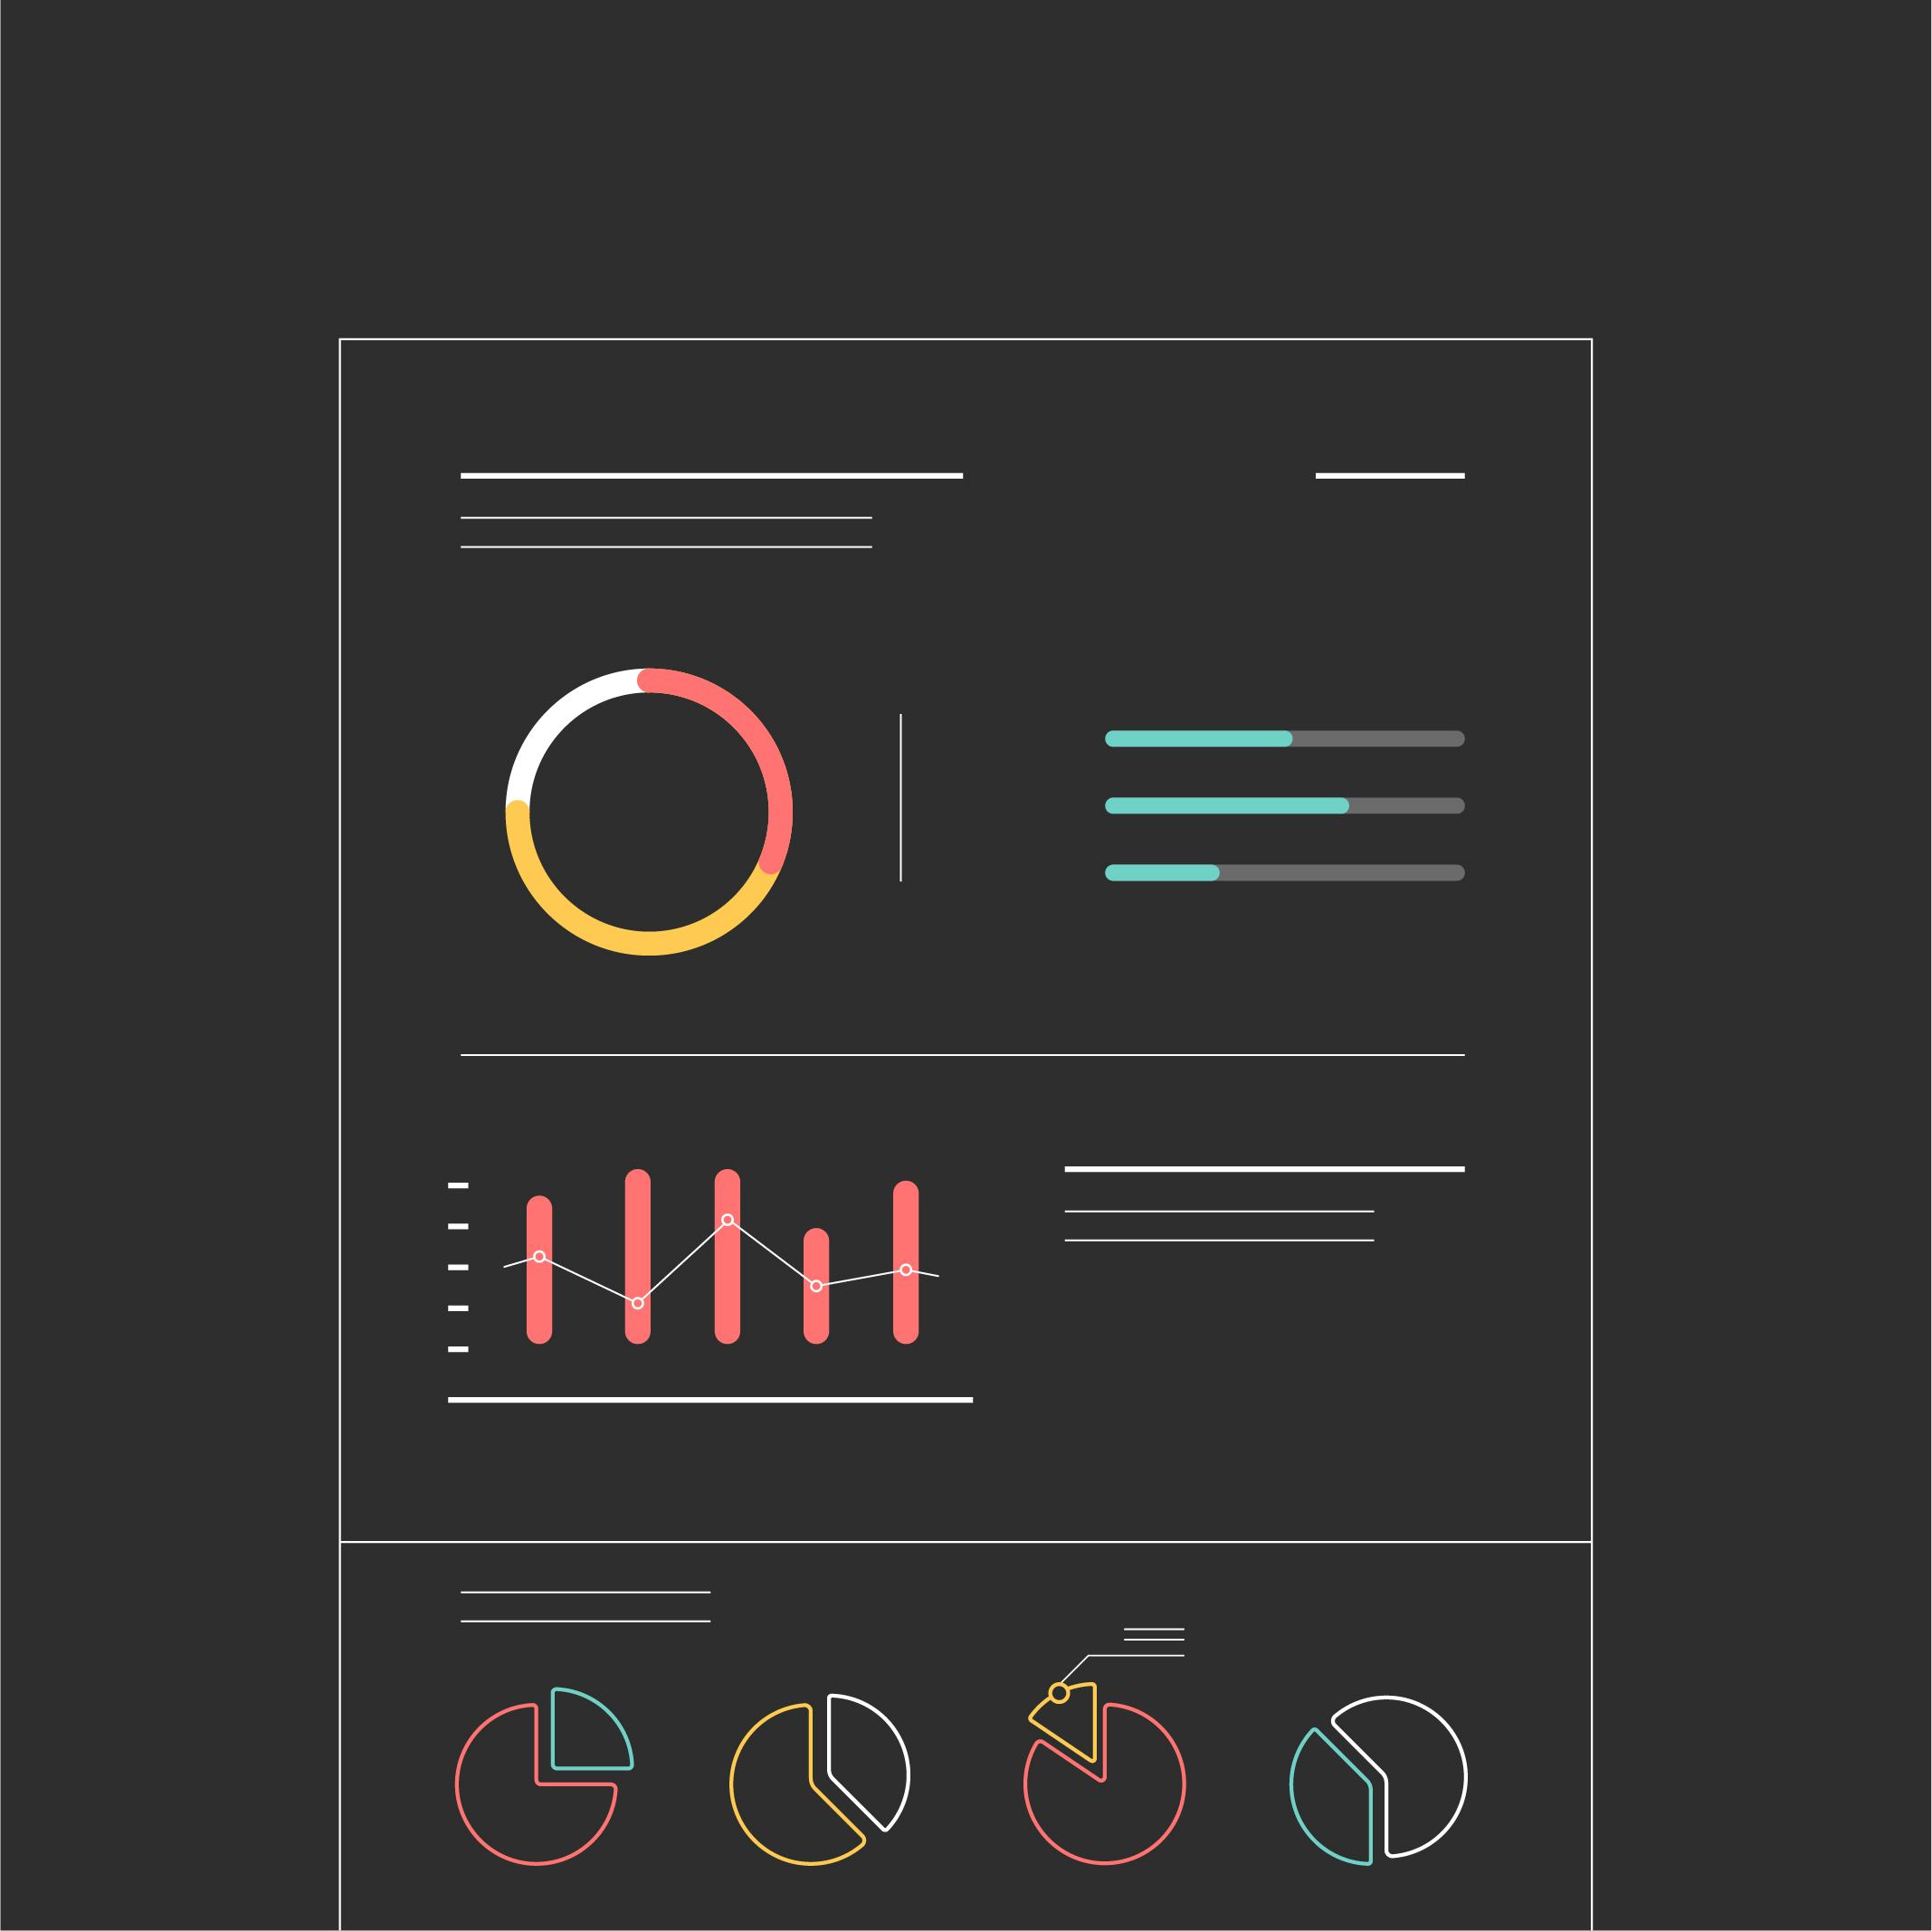 Comparativa de las principales herramientas de analítica web